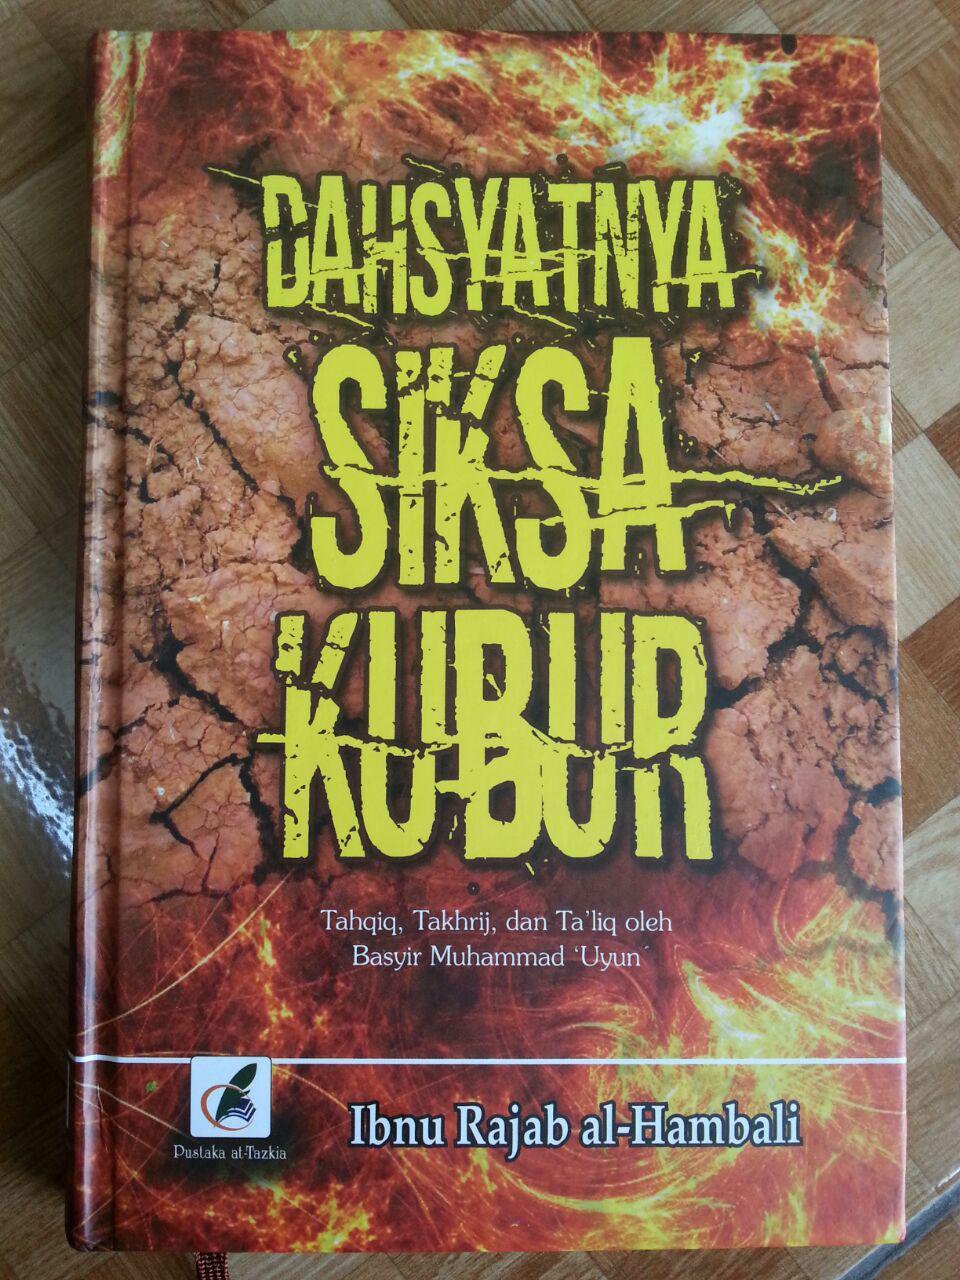 Buku Dahsyatnya Siksa Kubur cover 2